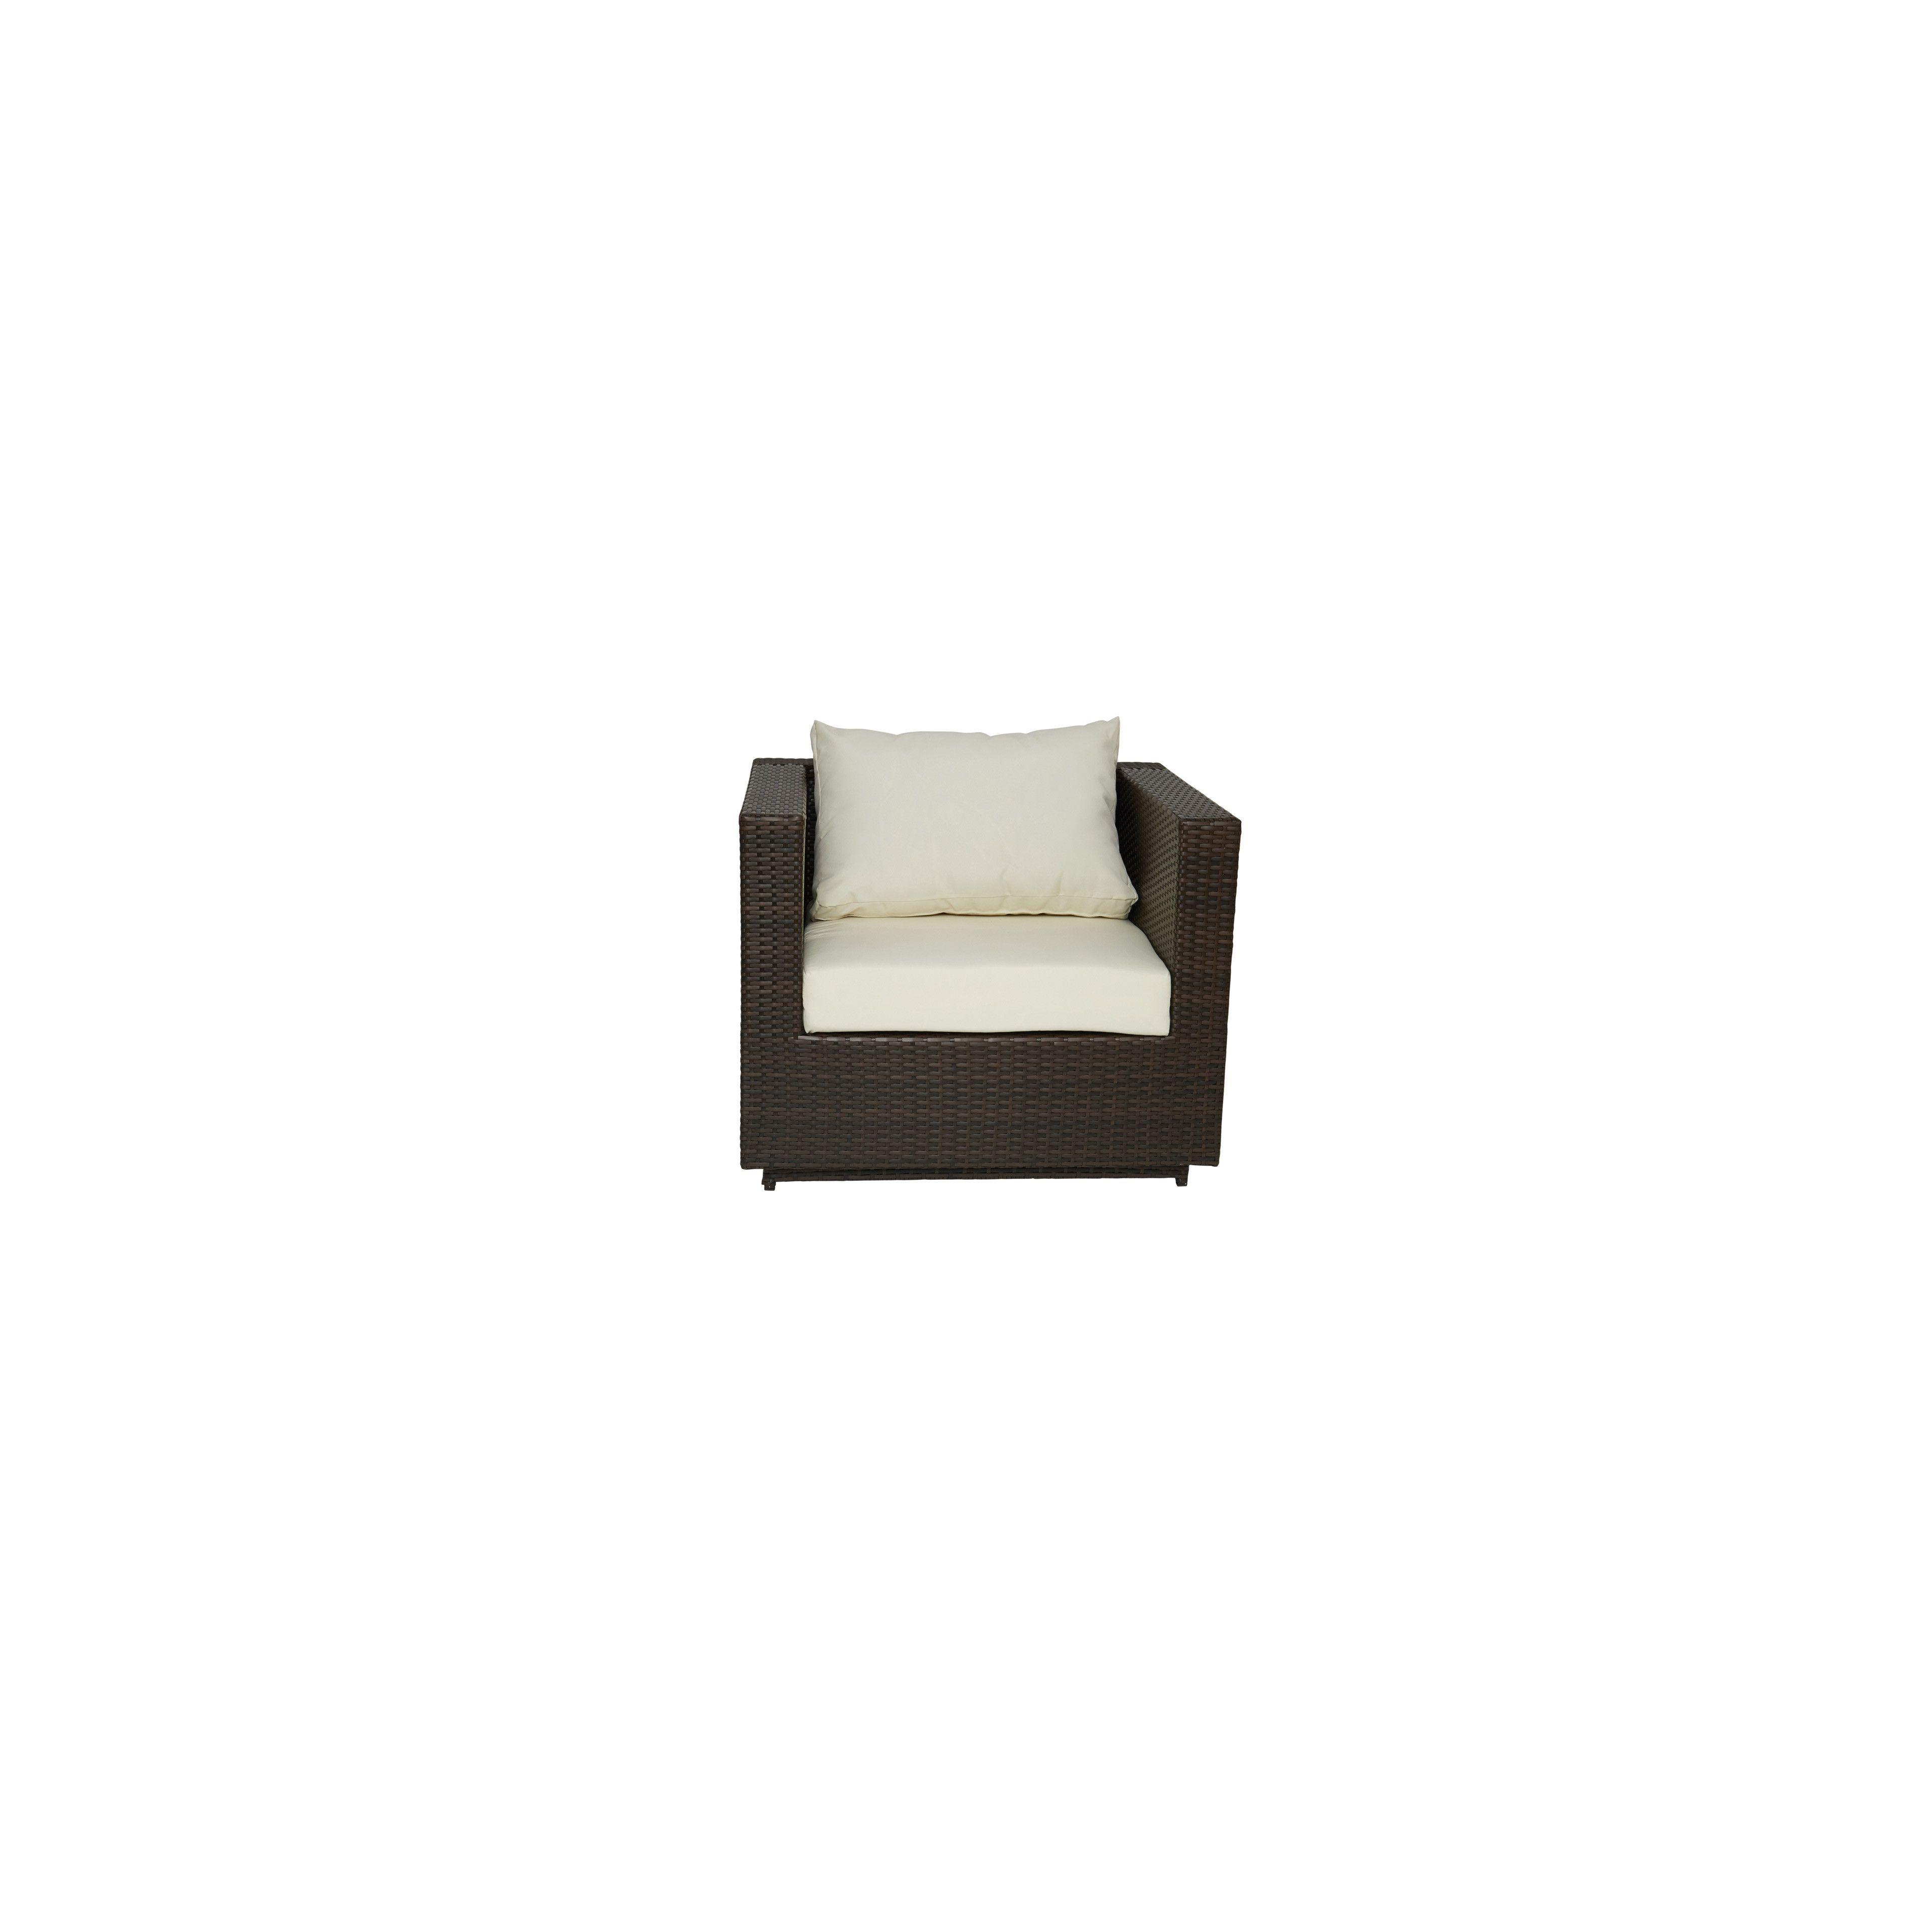 Fauteuil d 39 ext rieur fauteuil de jardin for Fauteuil salon jardin